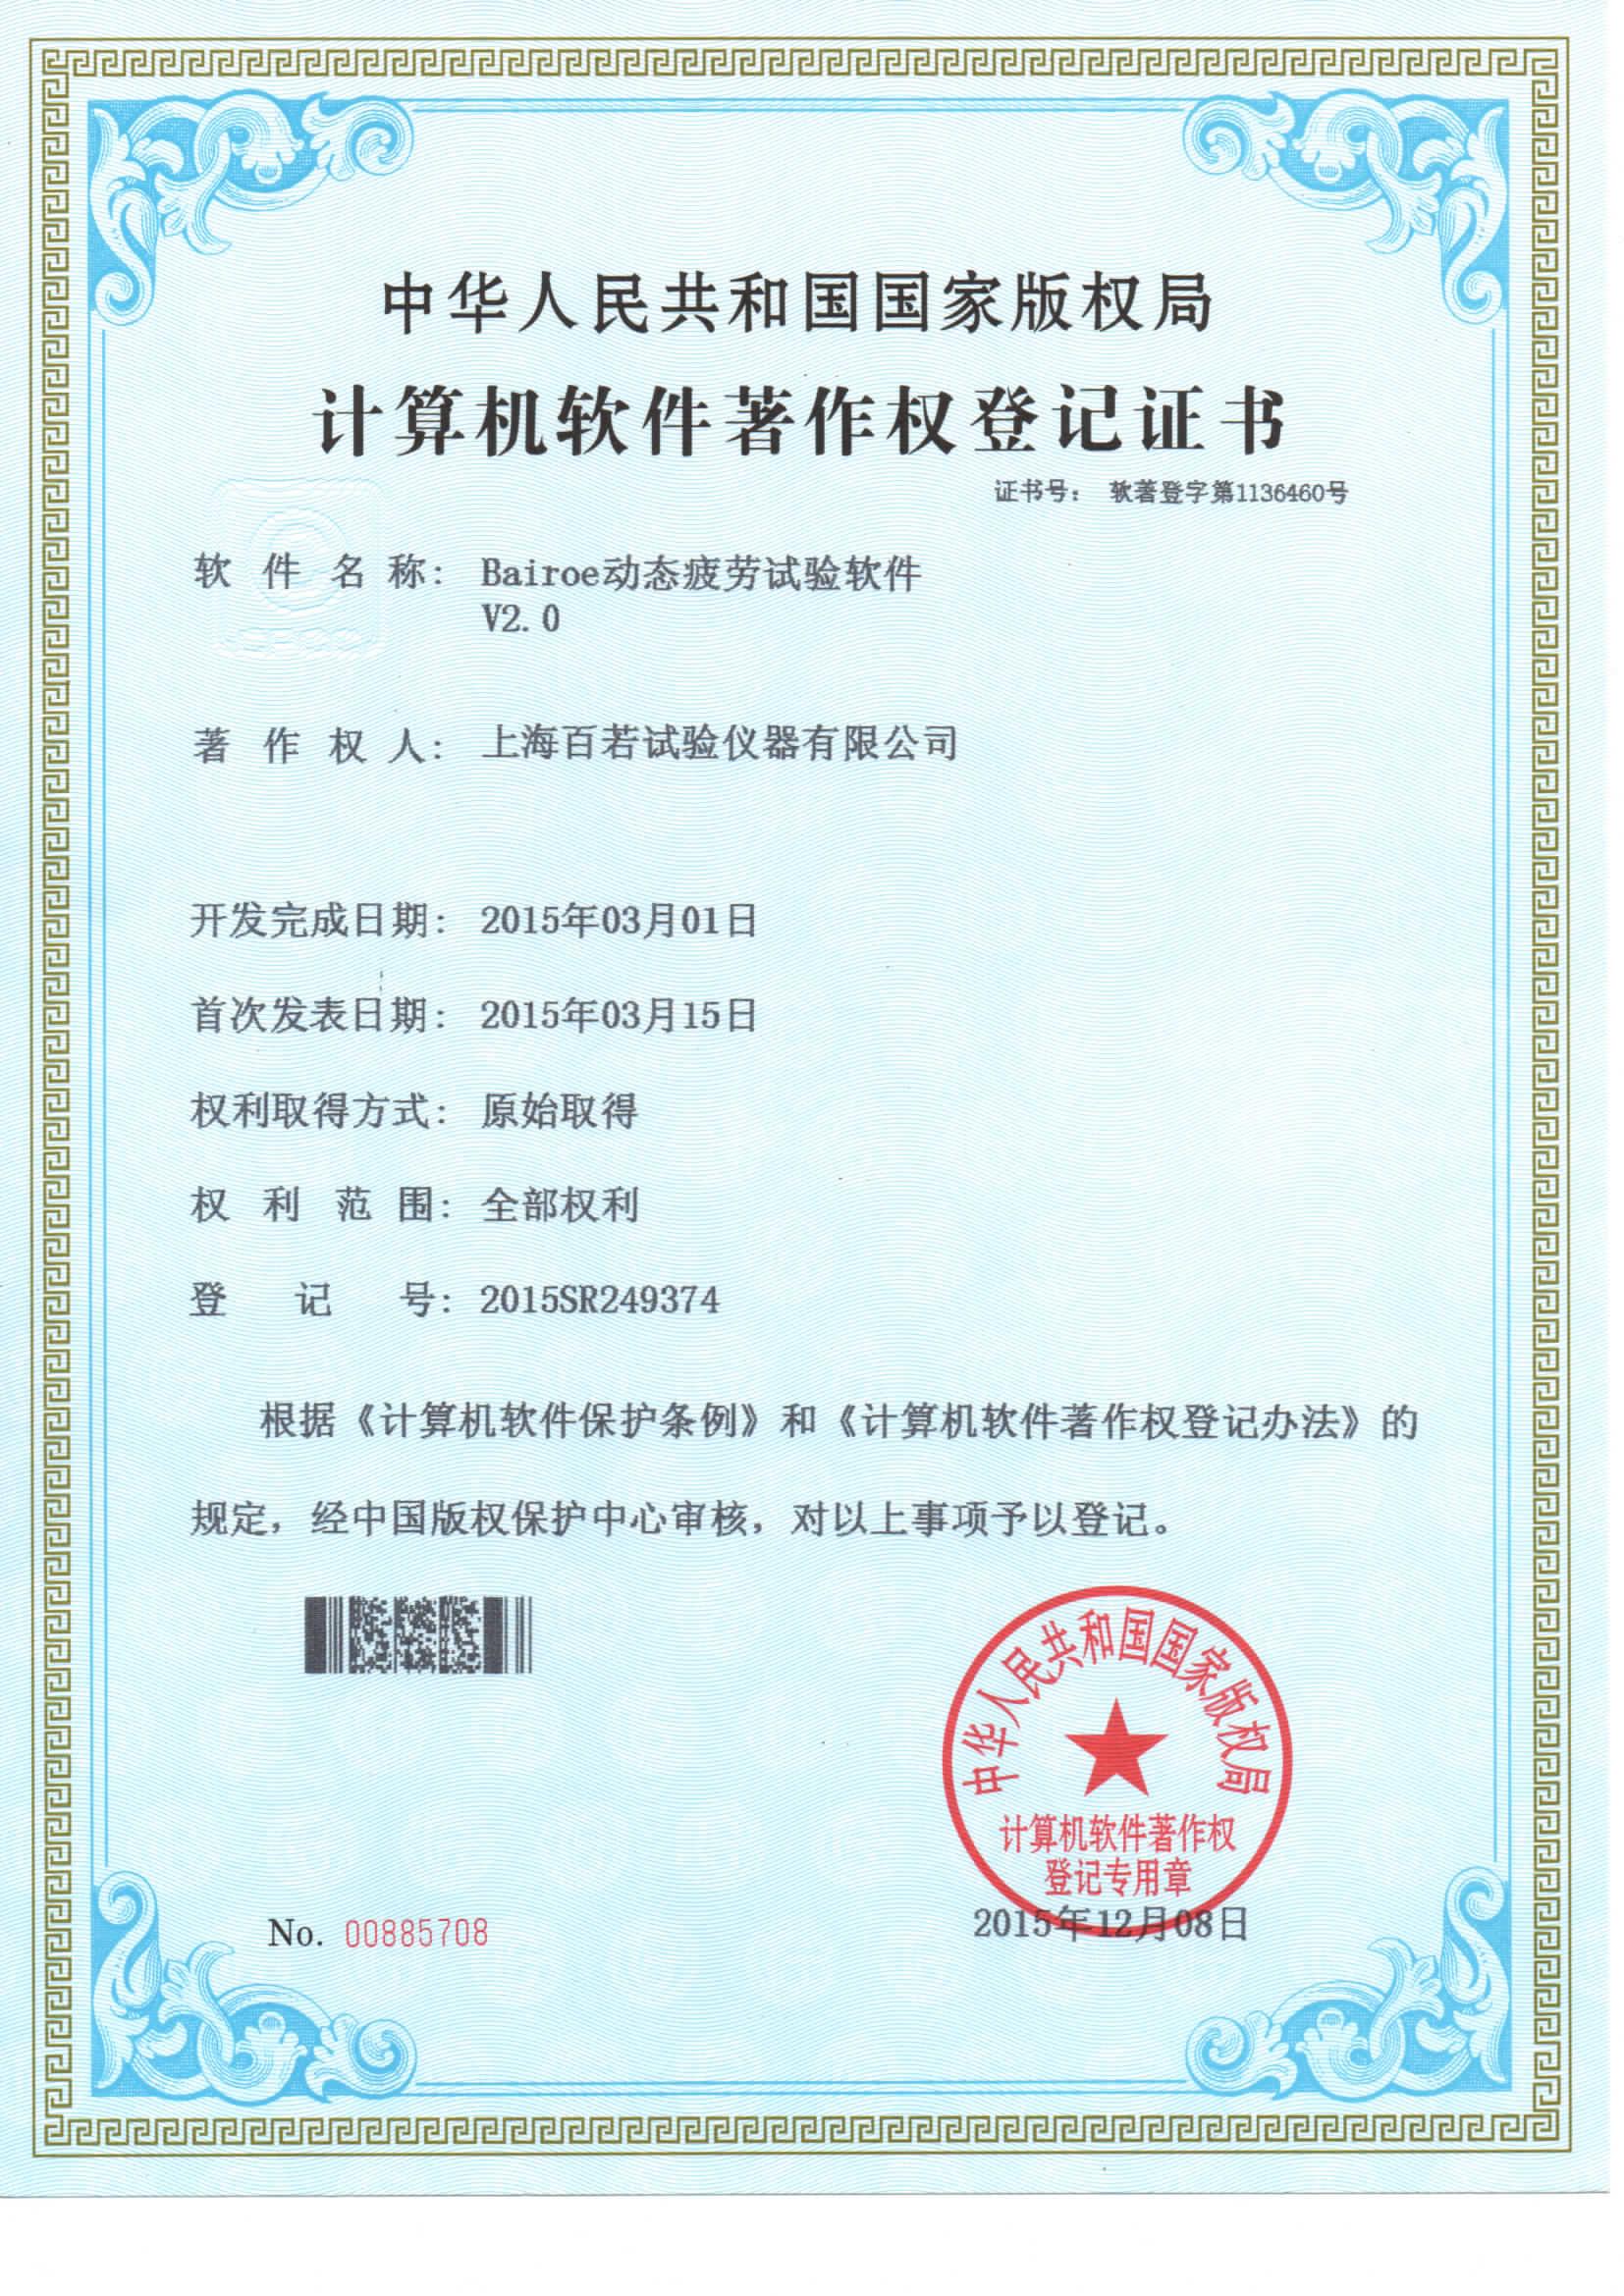 動態疲勞-計算機軟件著作權登記證書